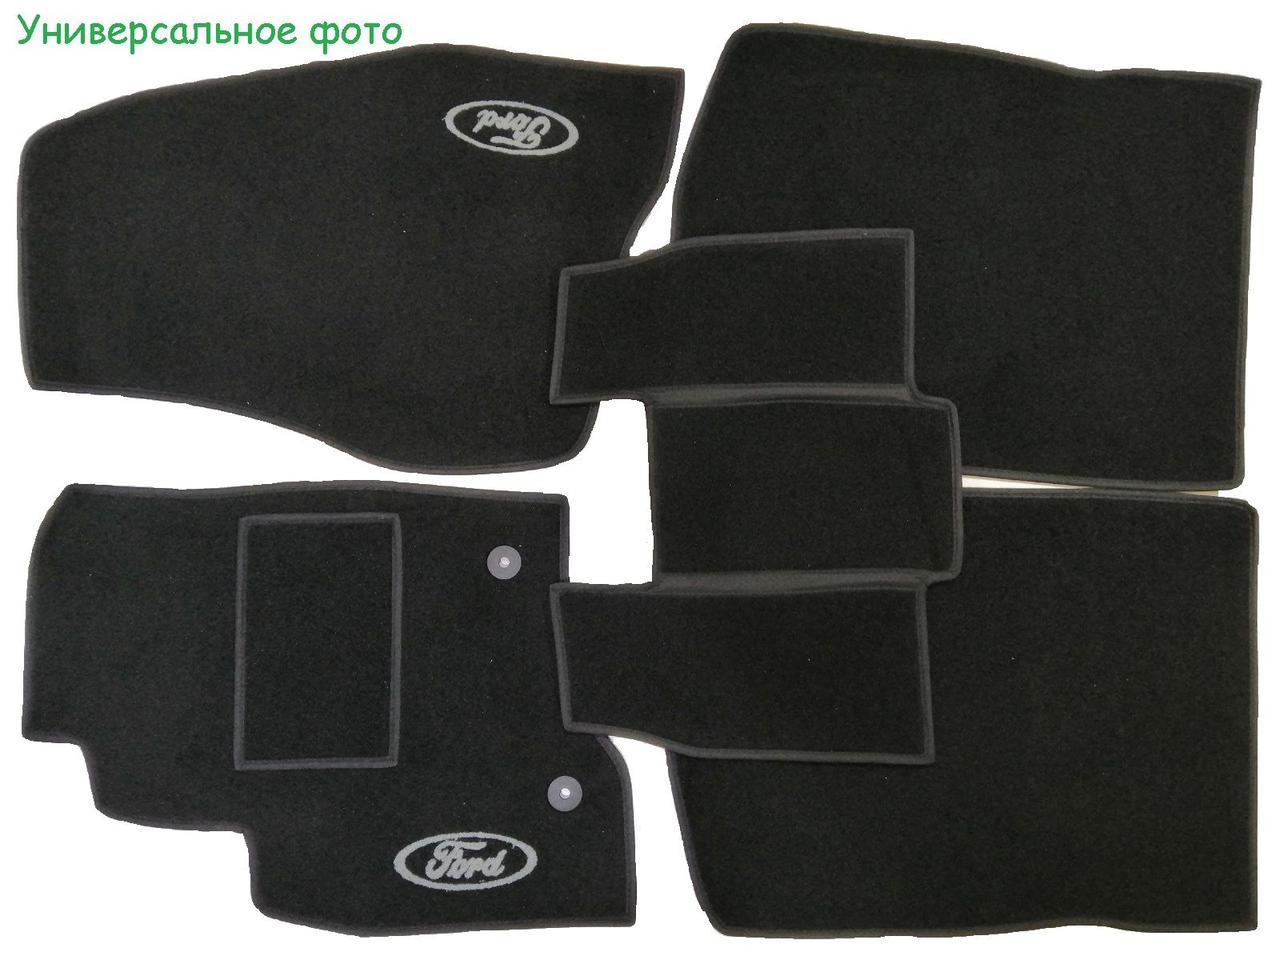 Килимки ворсові в салон на Acura MDX'01 - чорні